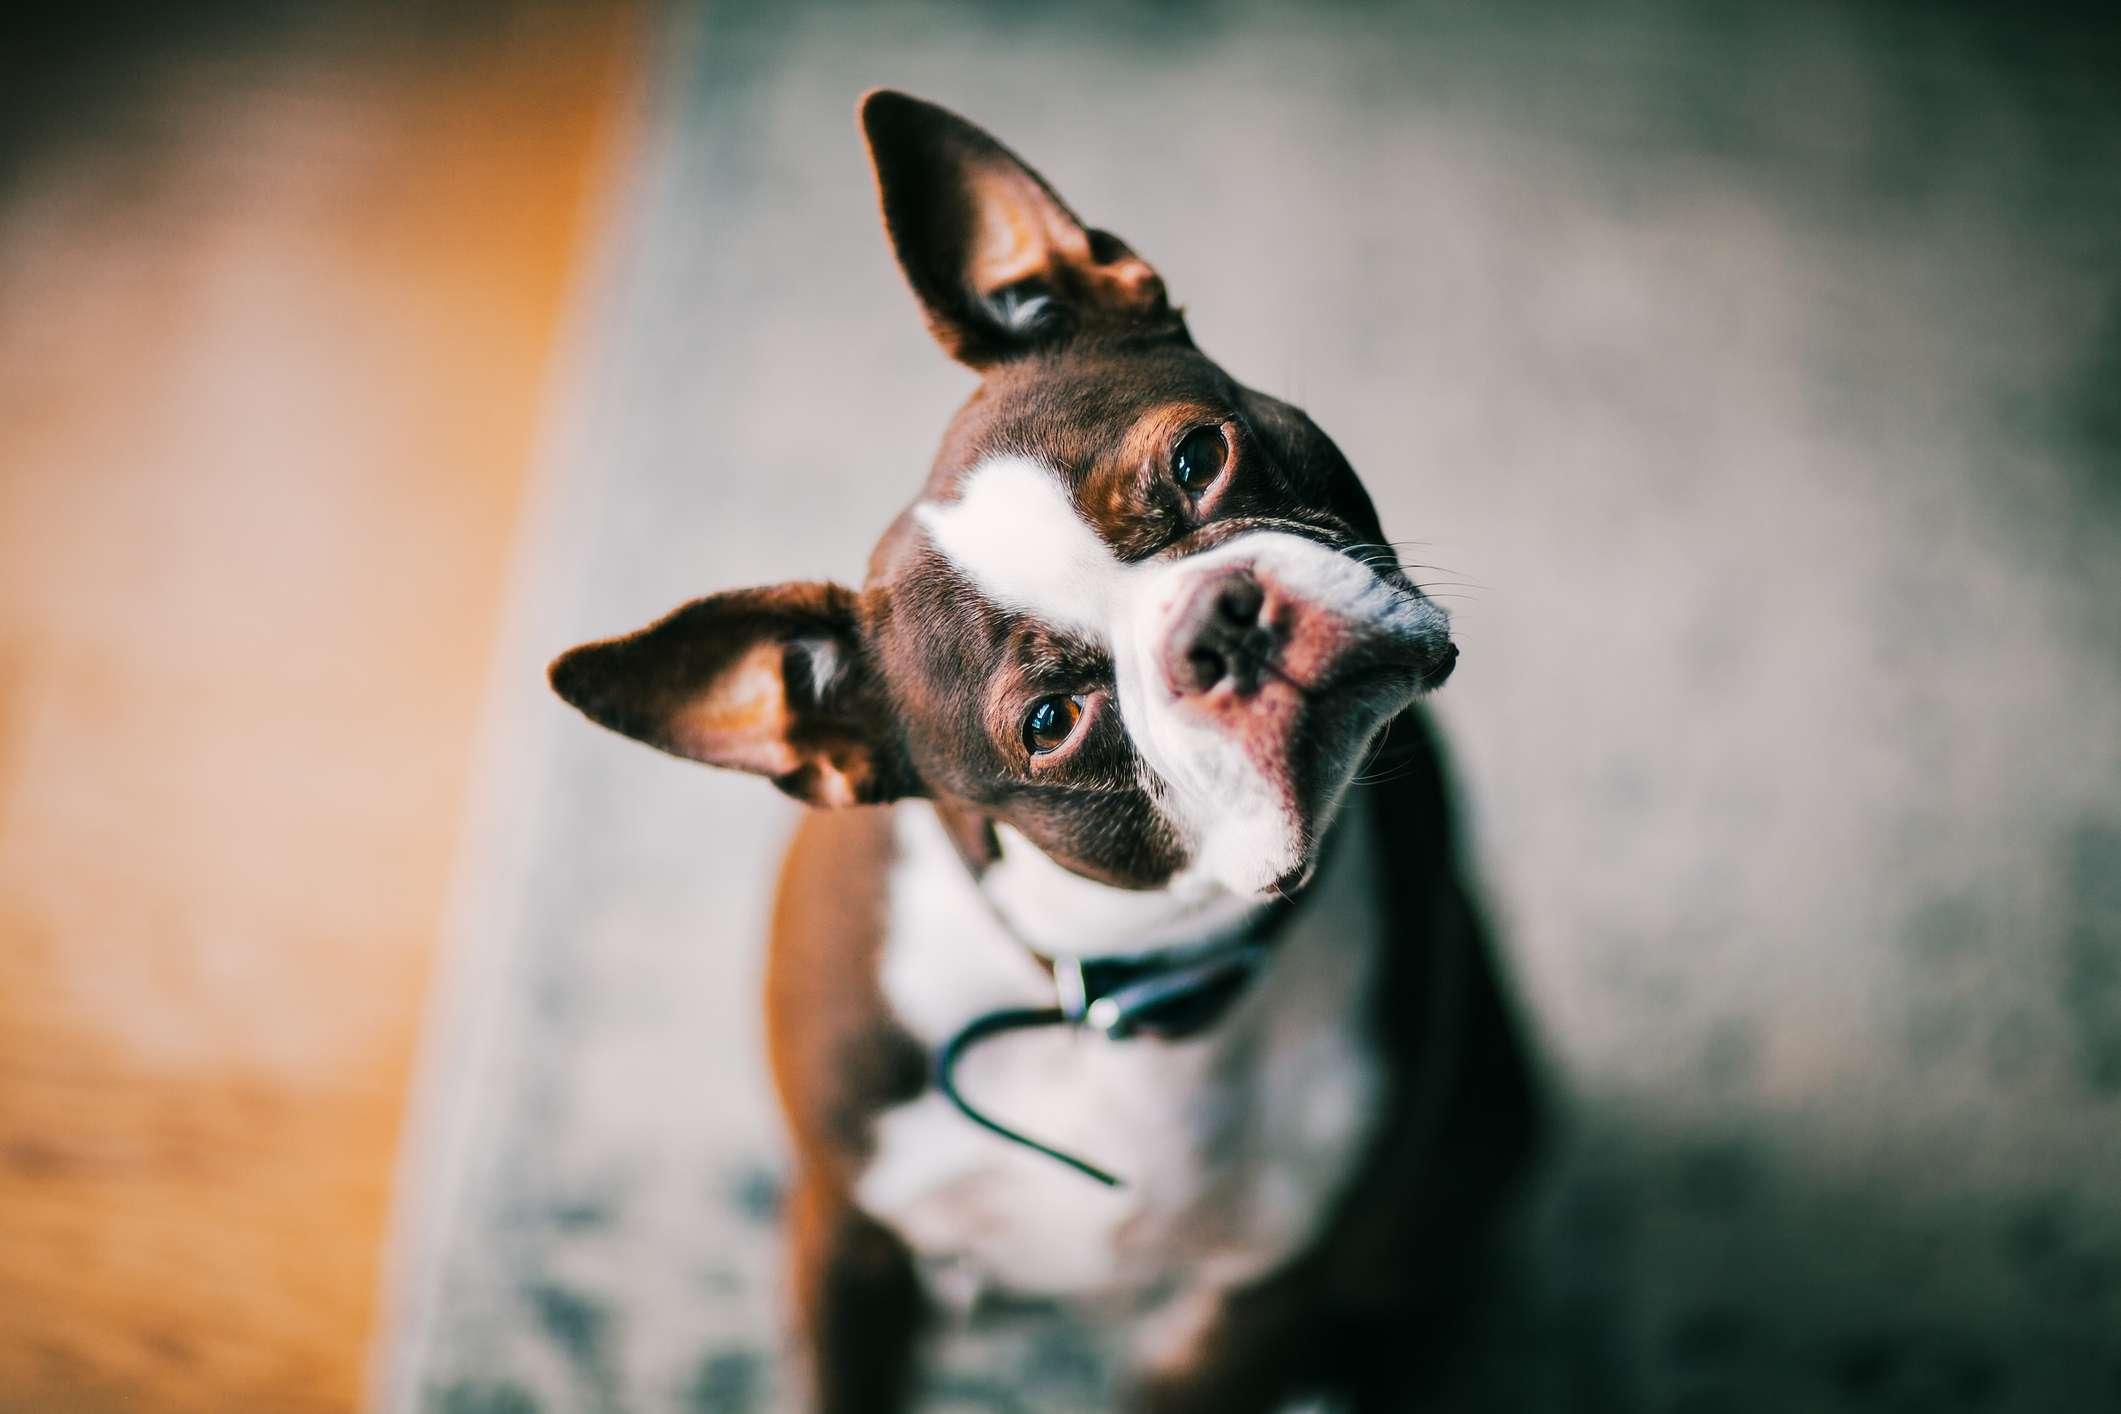 A French bulldog tilts its head at the camera.